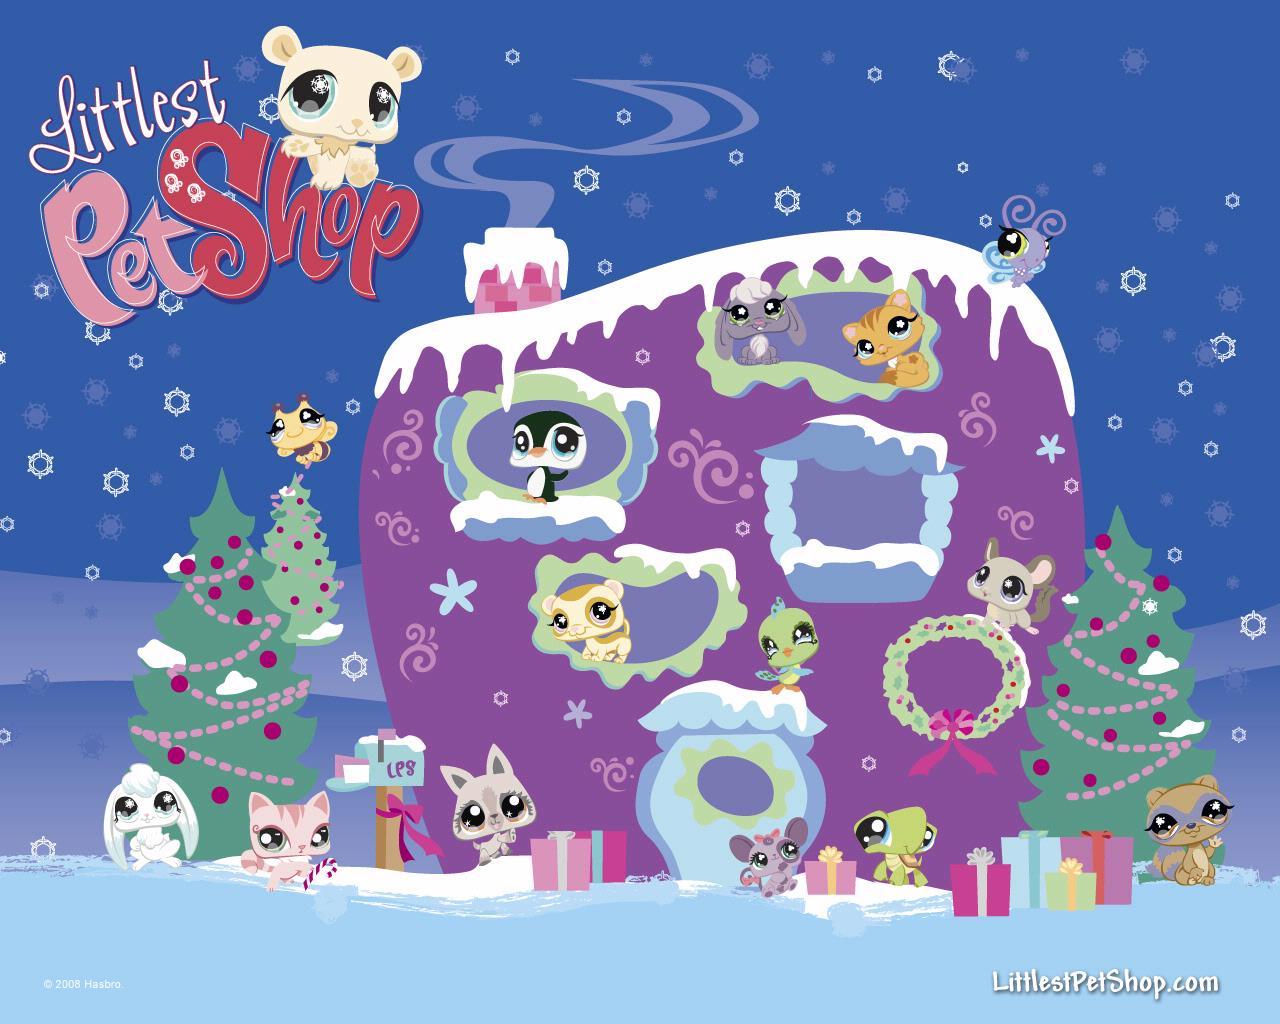 Download Littlest Pet Shop Wallpaper Online 1280x1024